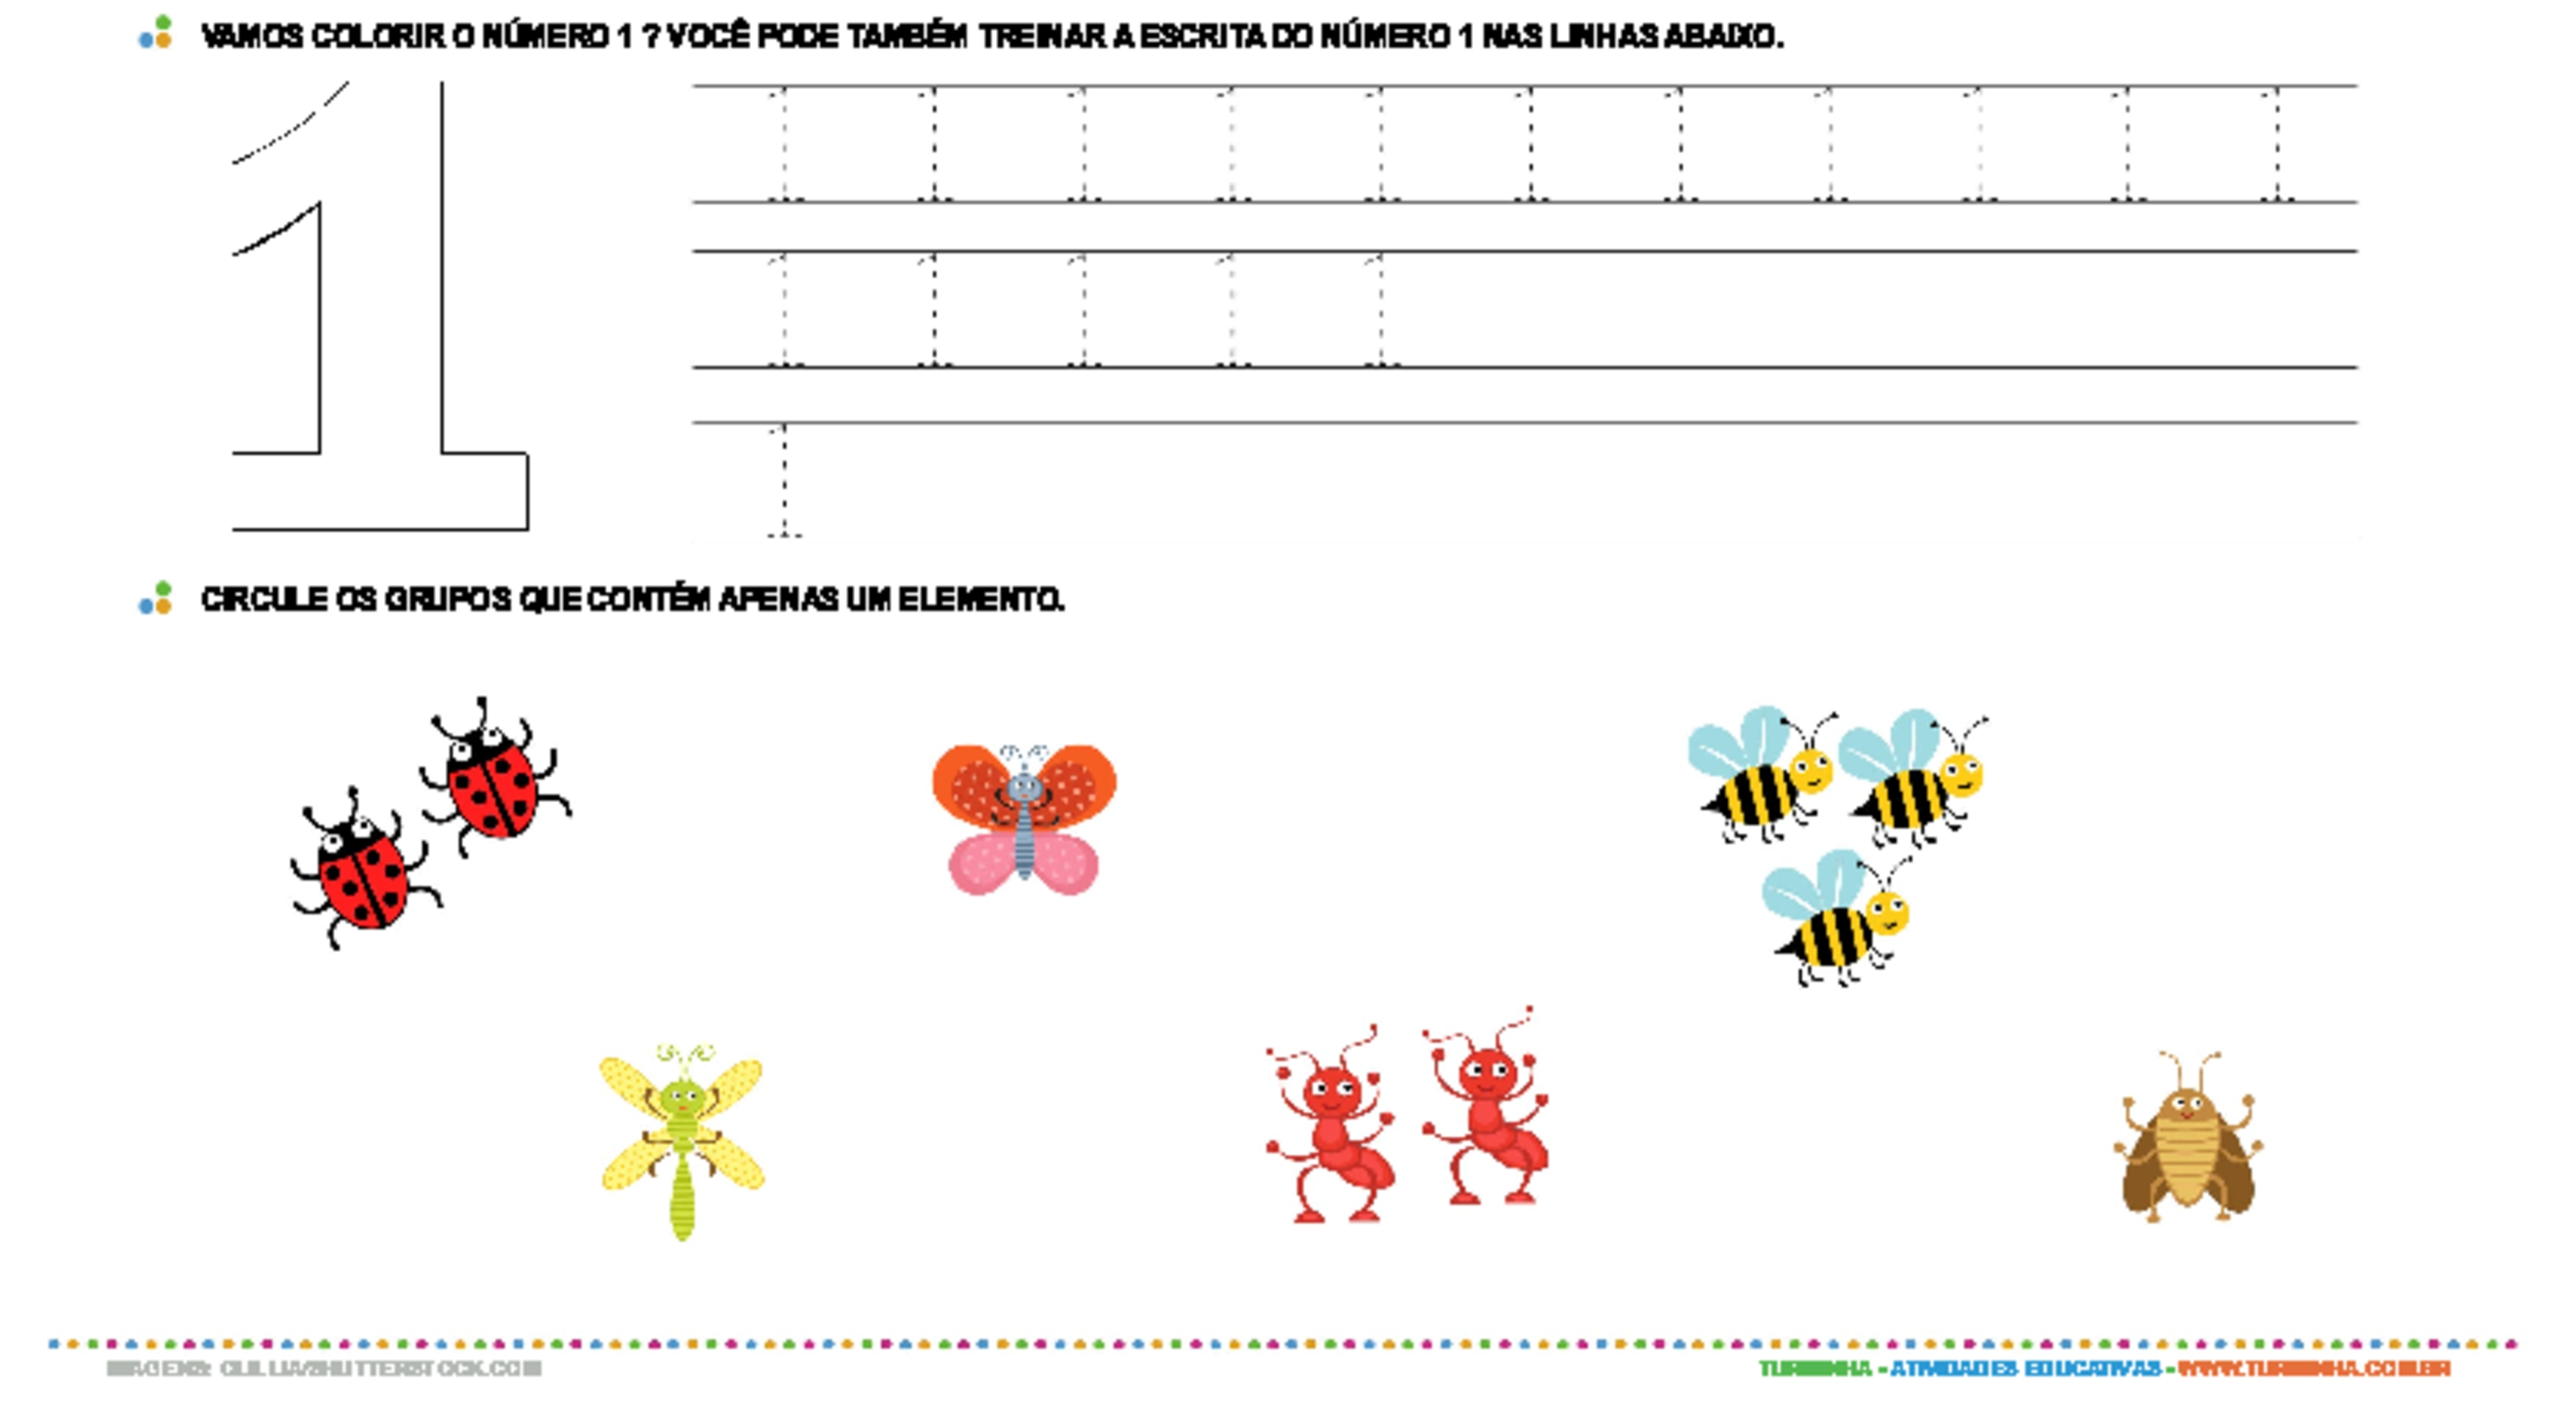 Aprendendo O Número 1 Atividade Educativa Para Creche 0 A 3 Anos